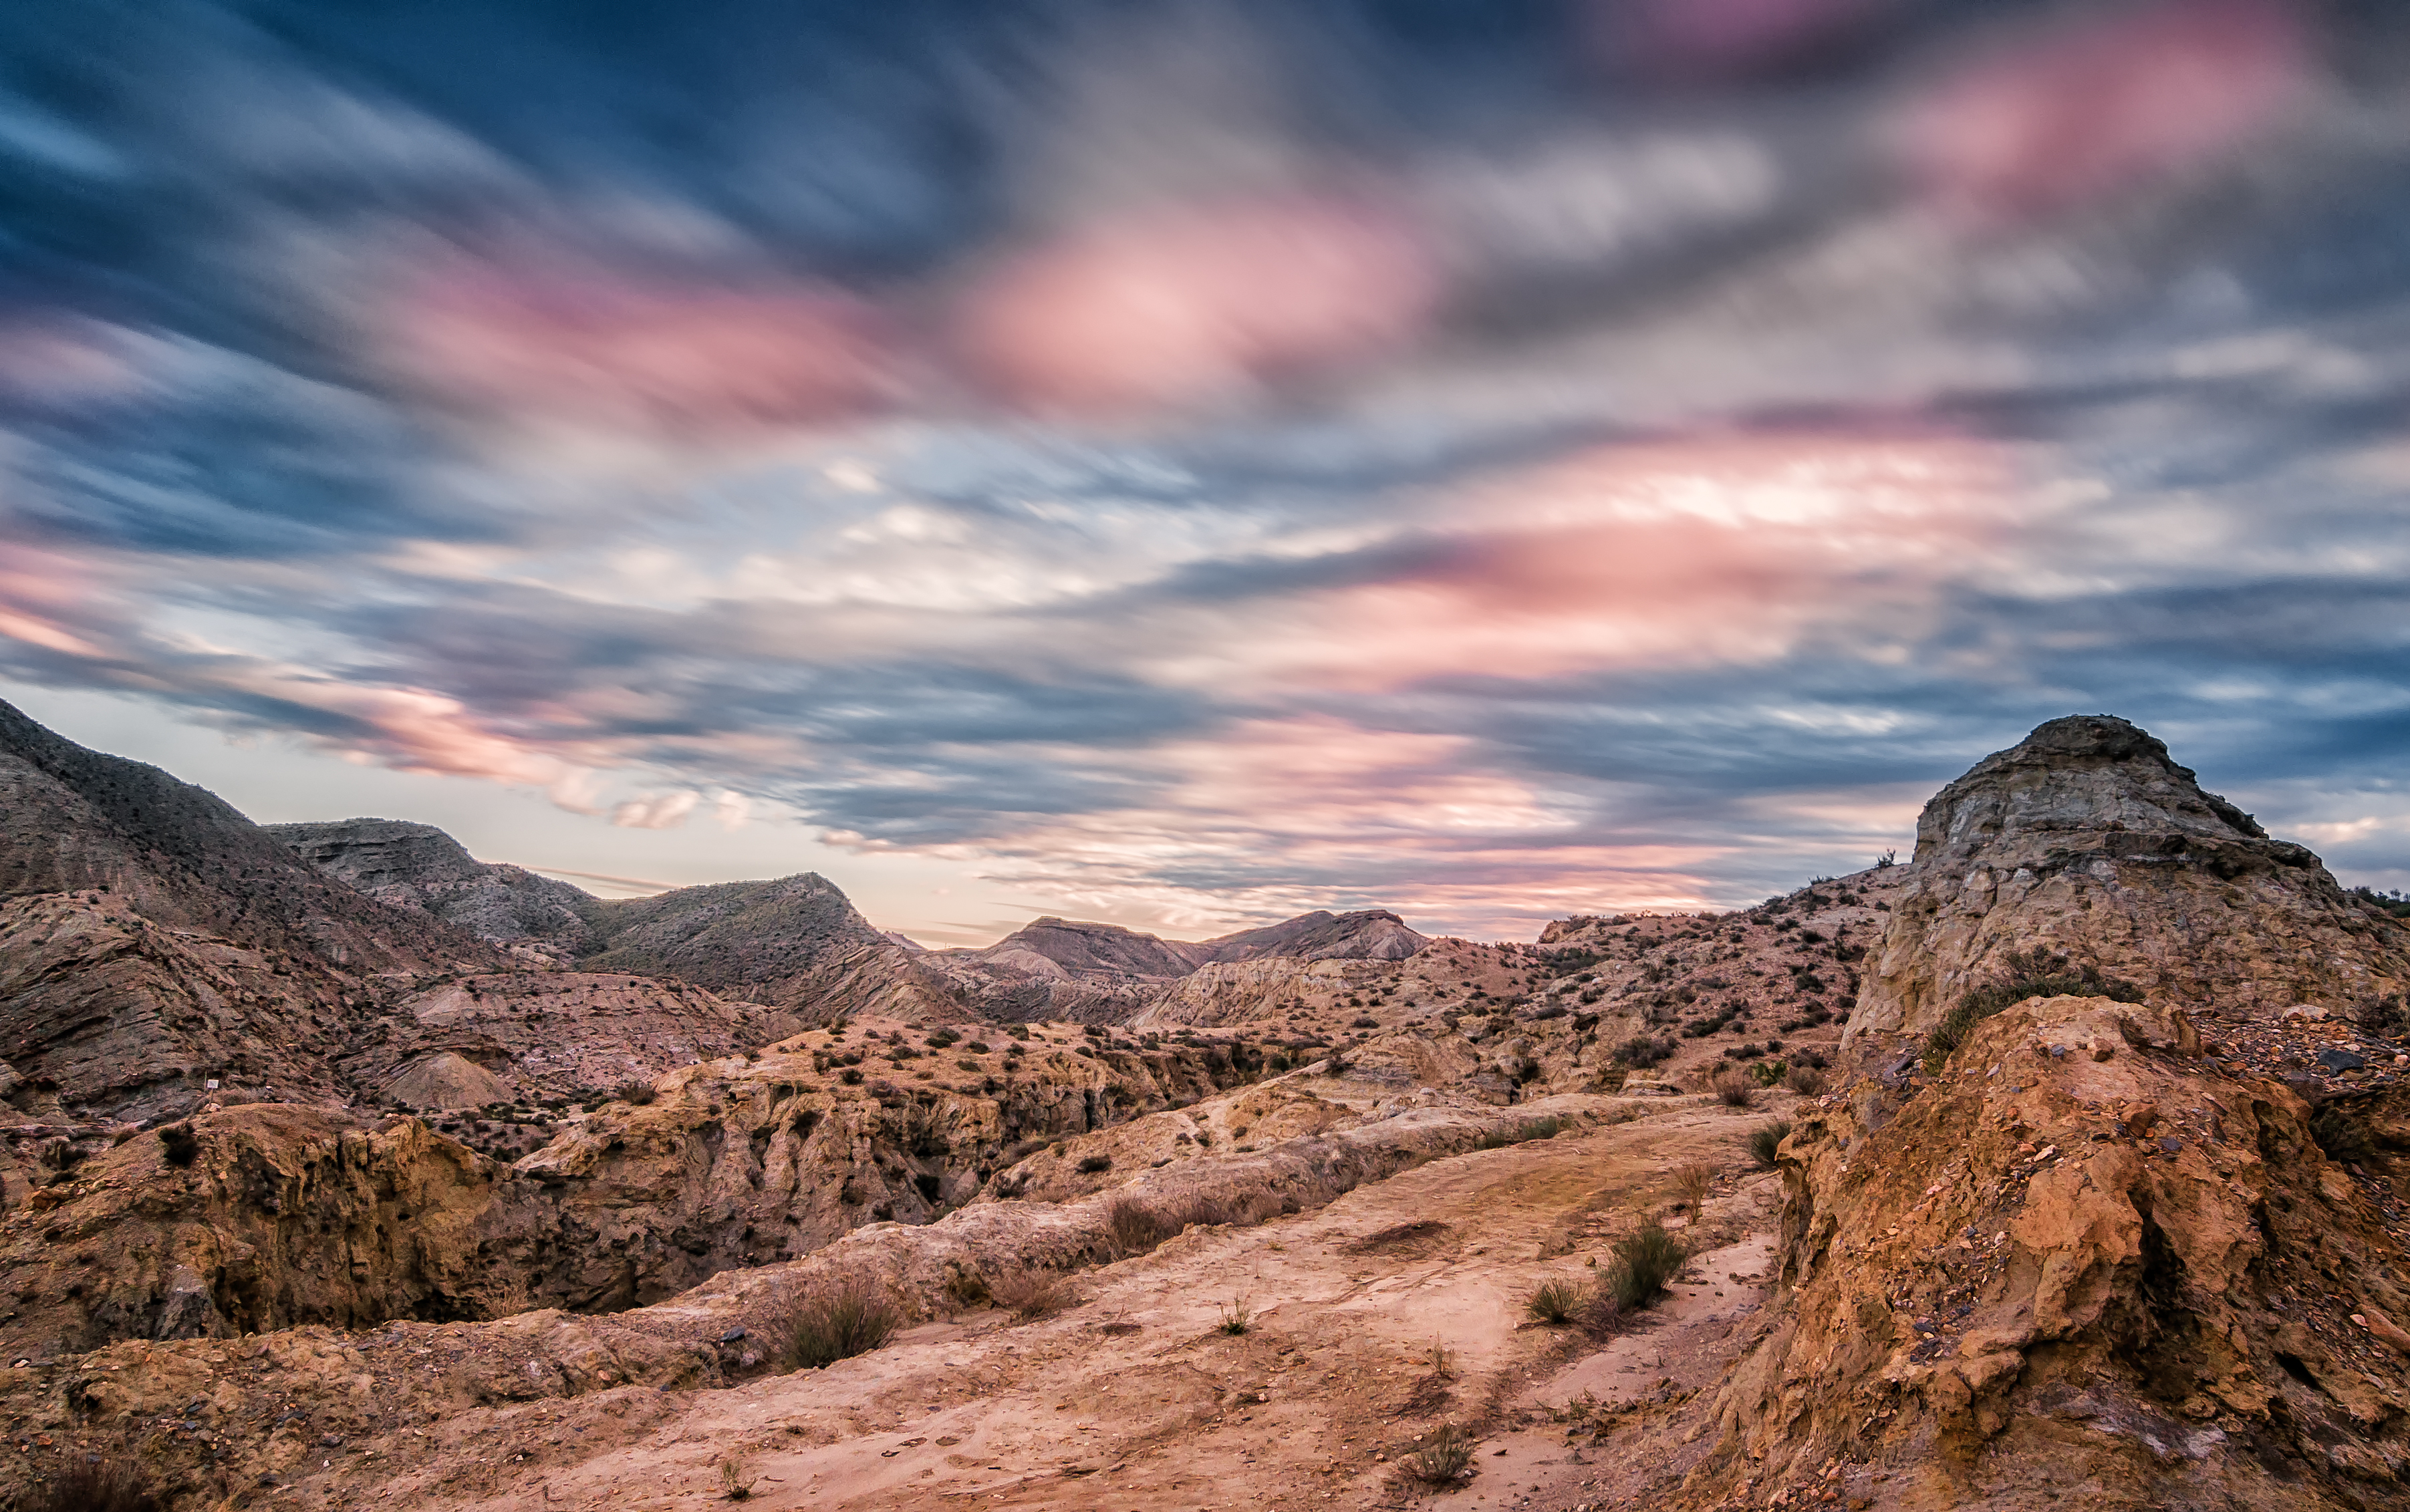 Desierto de Tabernas - Wikipedia, la enciclopedia libre